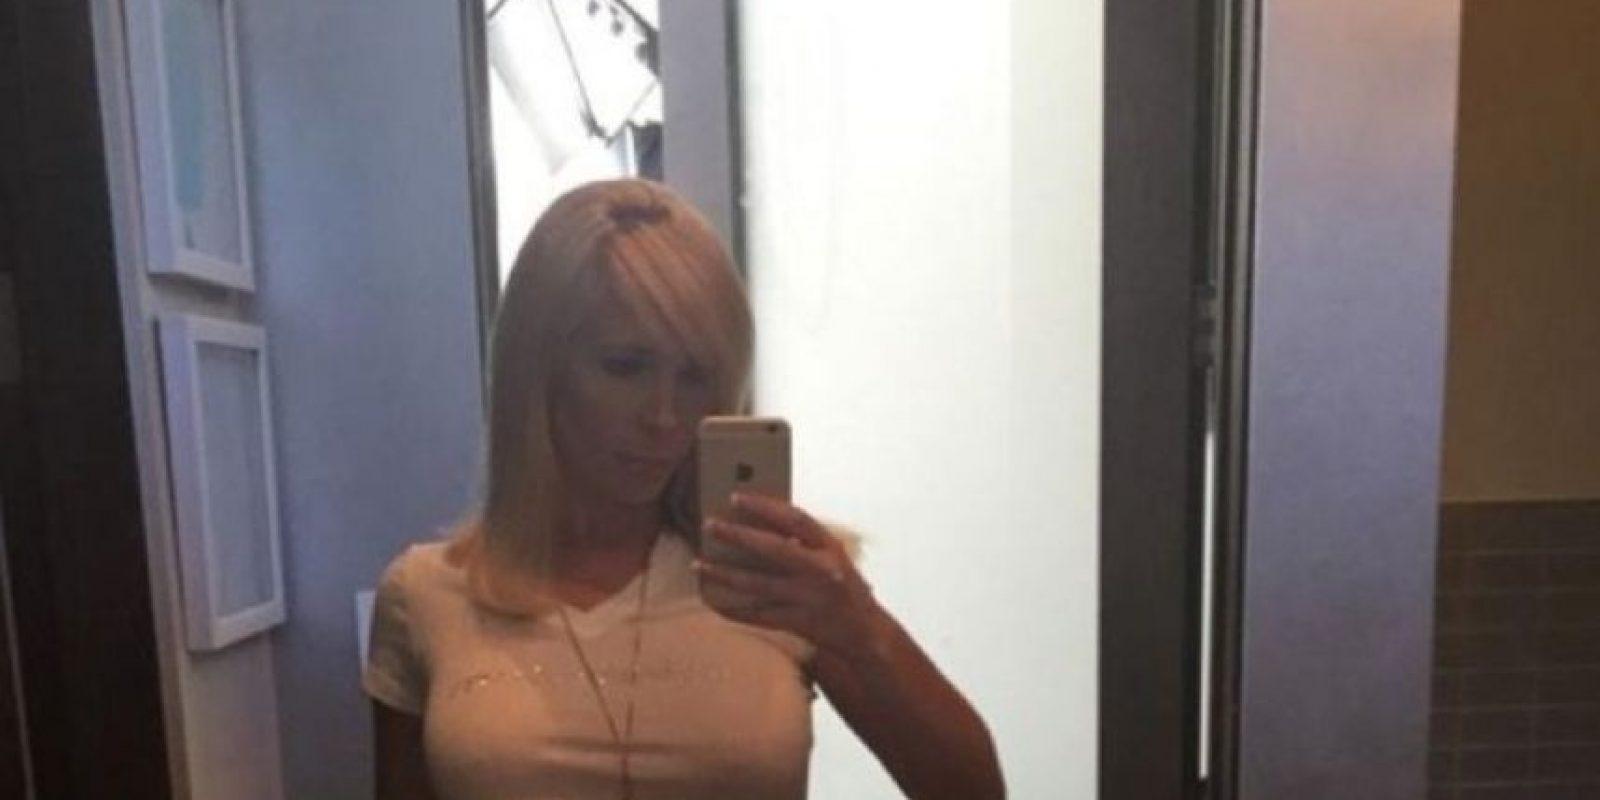 La actriz y productora de películas porno Tasha Reign, quien ha filmado alrededor de 120 películas para adultos, compartió en el sitio Brobible.com algunos de sus más sexis consejos para despertar la pasión. Foto:Vía Twitter: @TashaReign